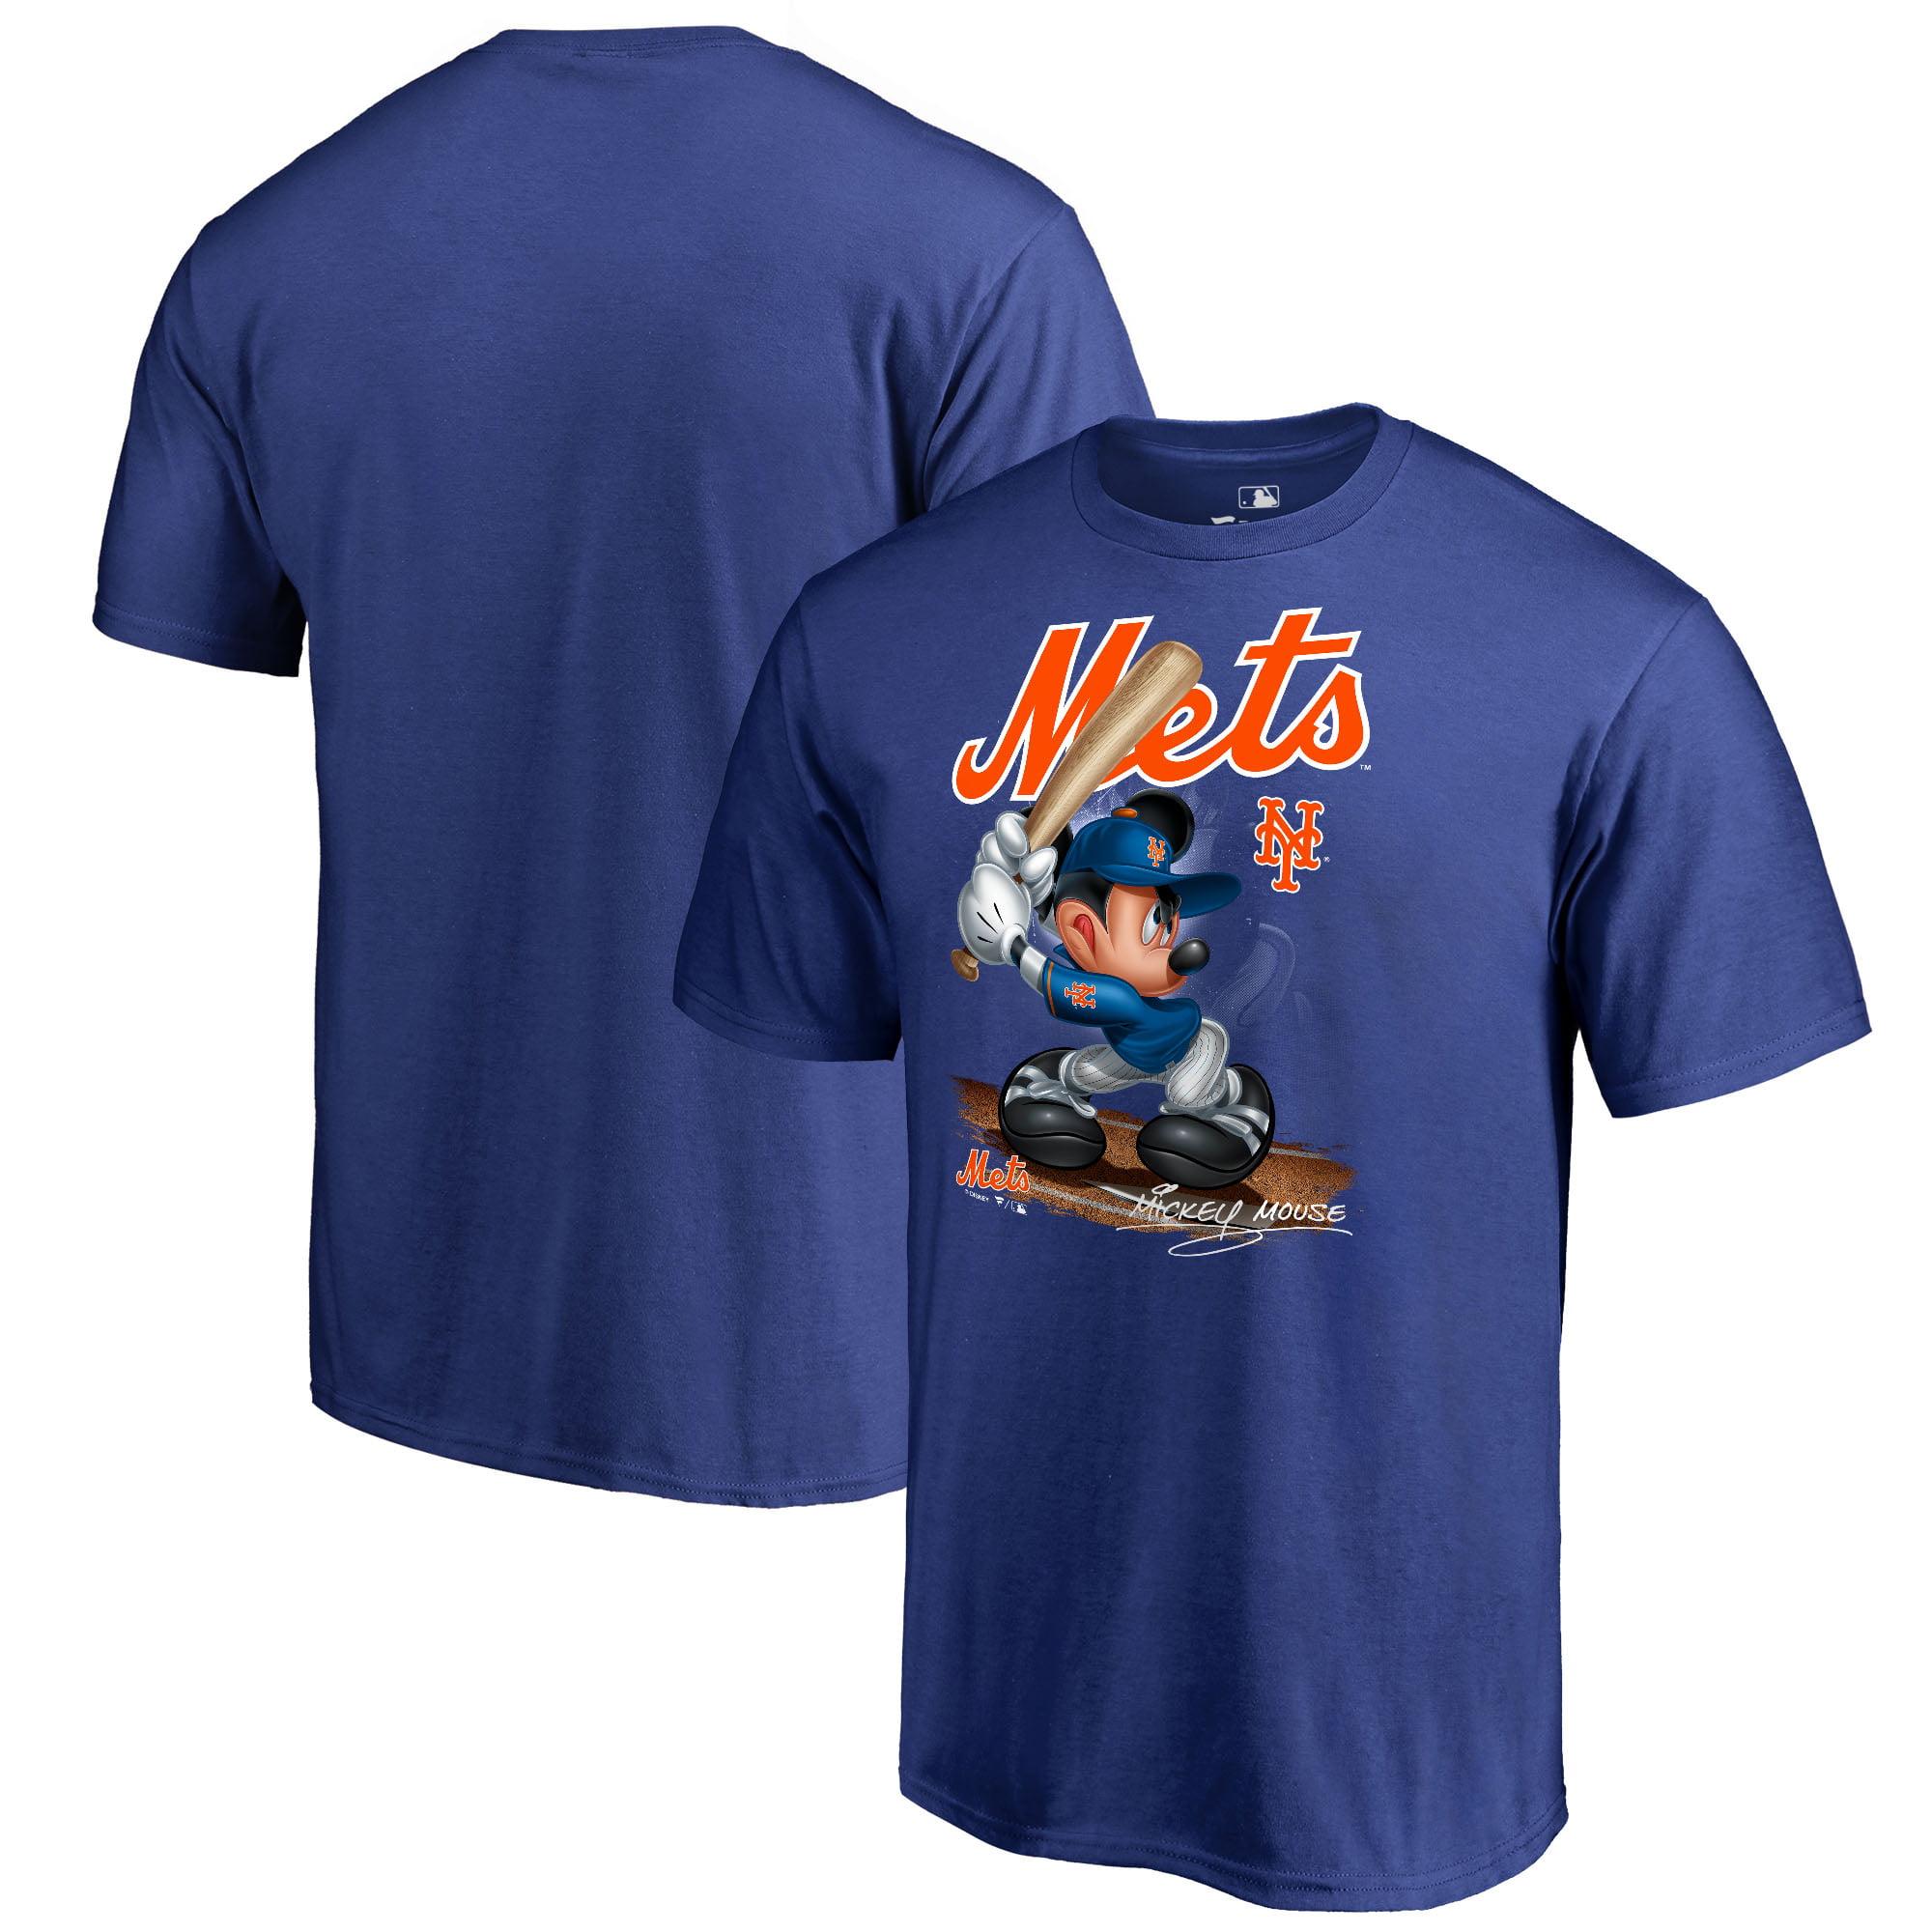 New York Mets Fanatics Branded Disney All Star T-Shirt - Royal